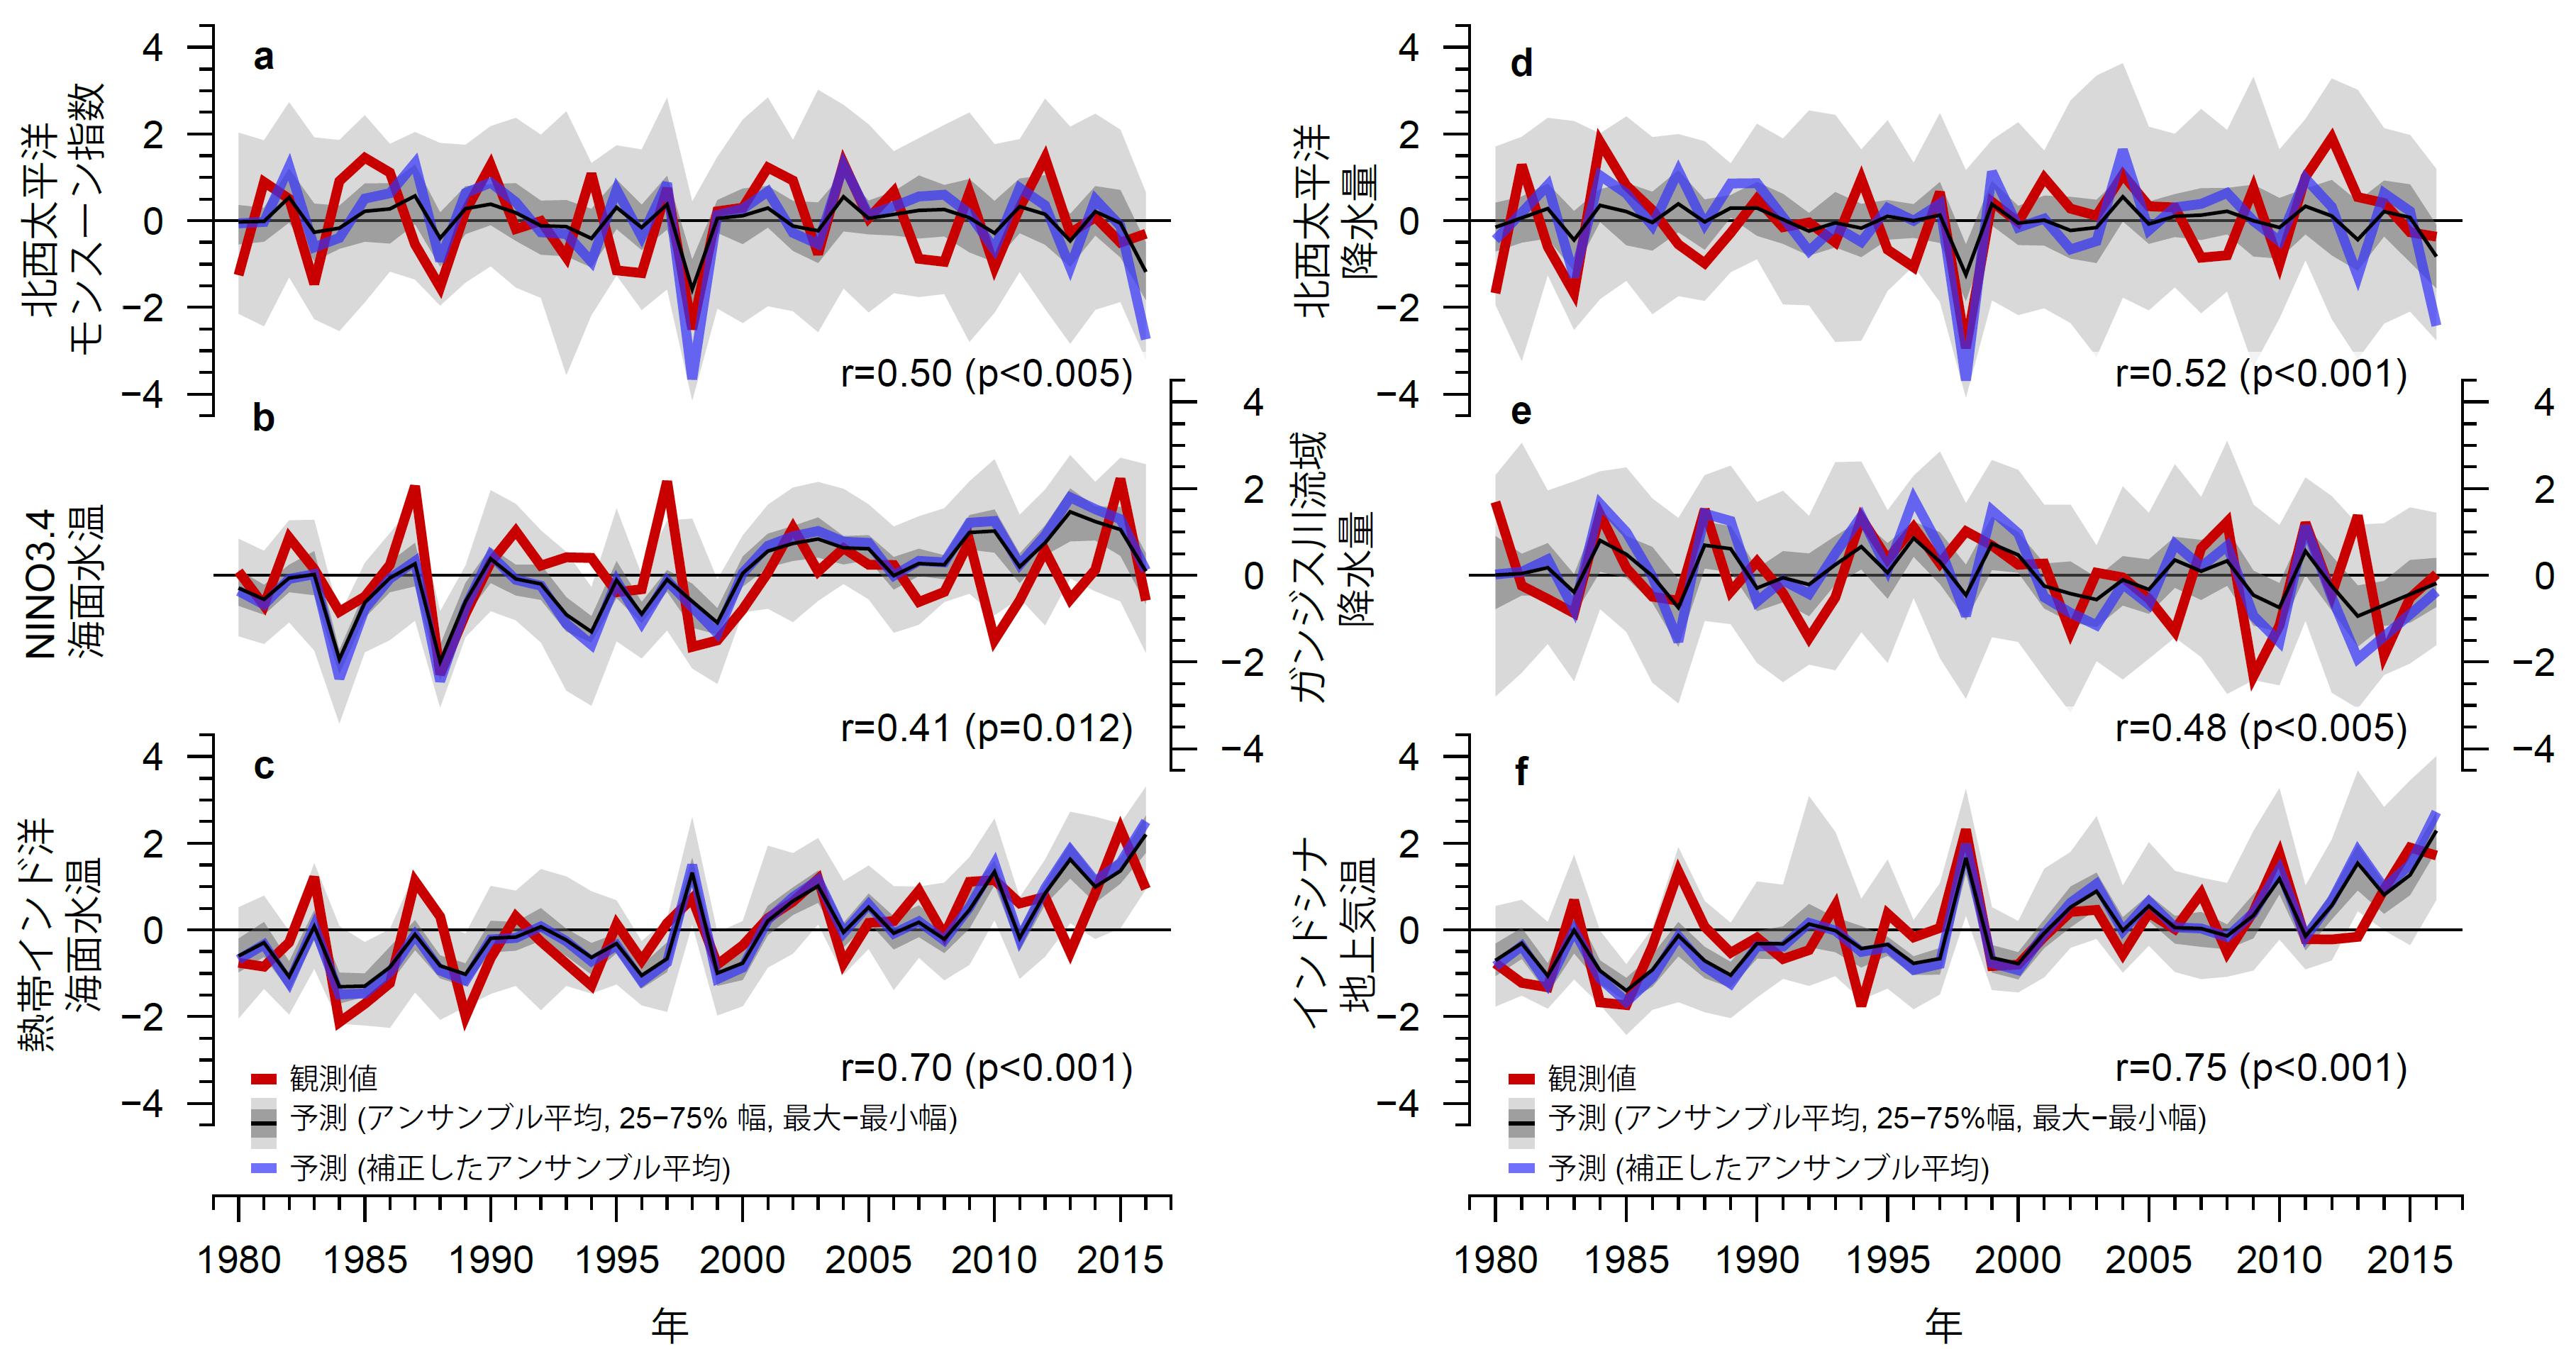 図1 各代表的な指数について、各年4月末から翌年夏(6~8月)を予測した値と、実際に観測された値の比較<sup>1</sup>